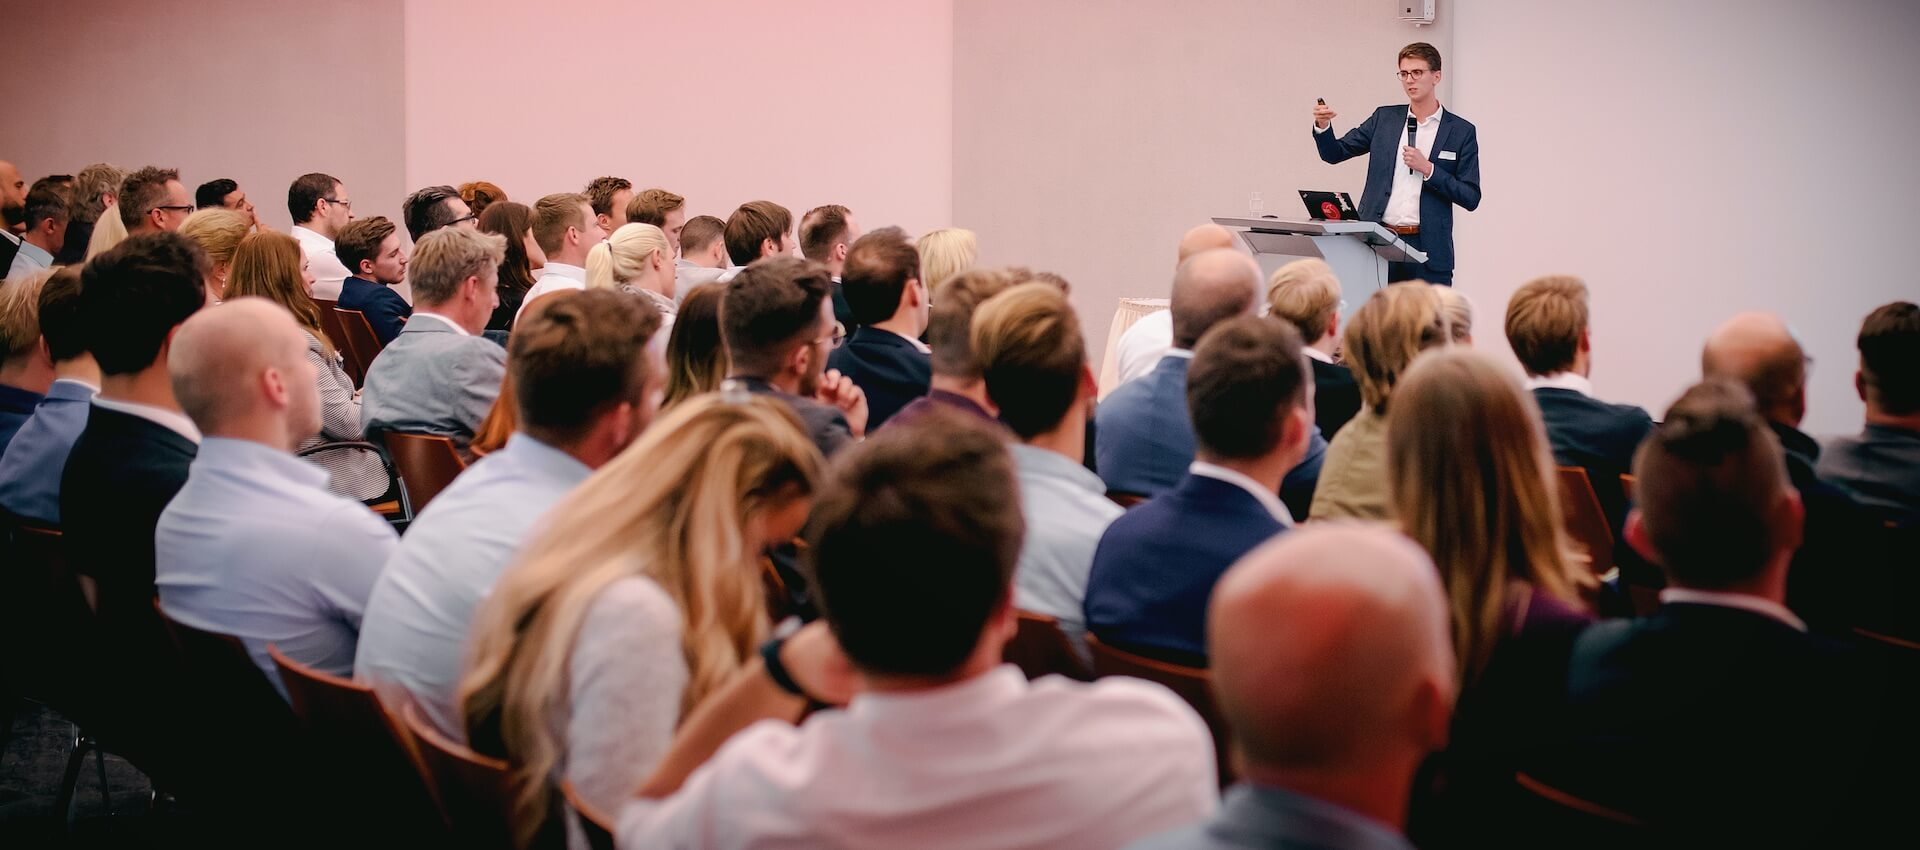 Philipp als Speaker bei einem Event in Düsseldorf